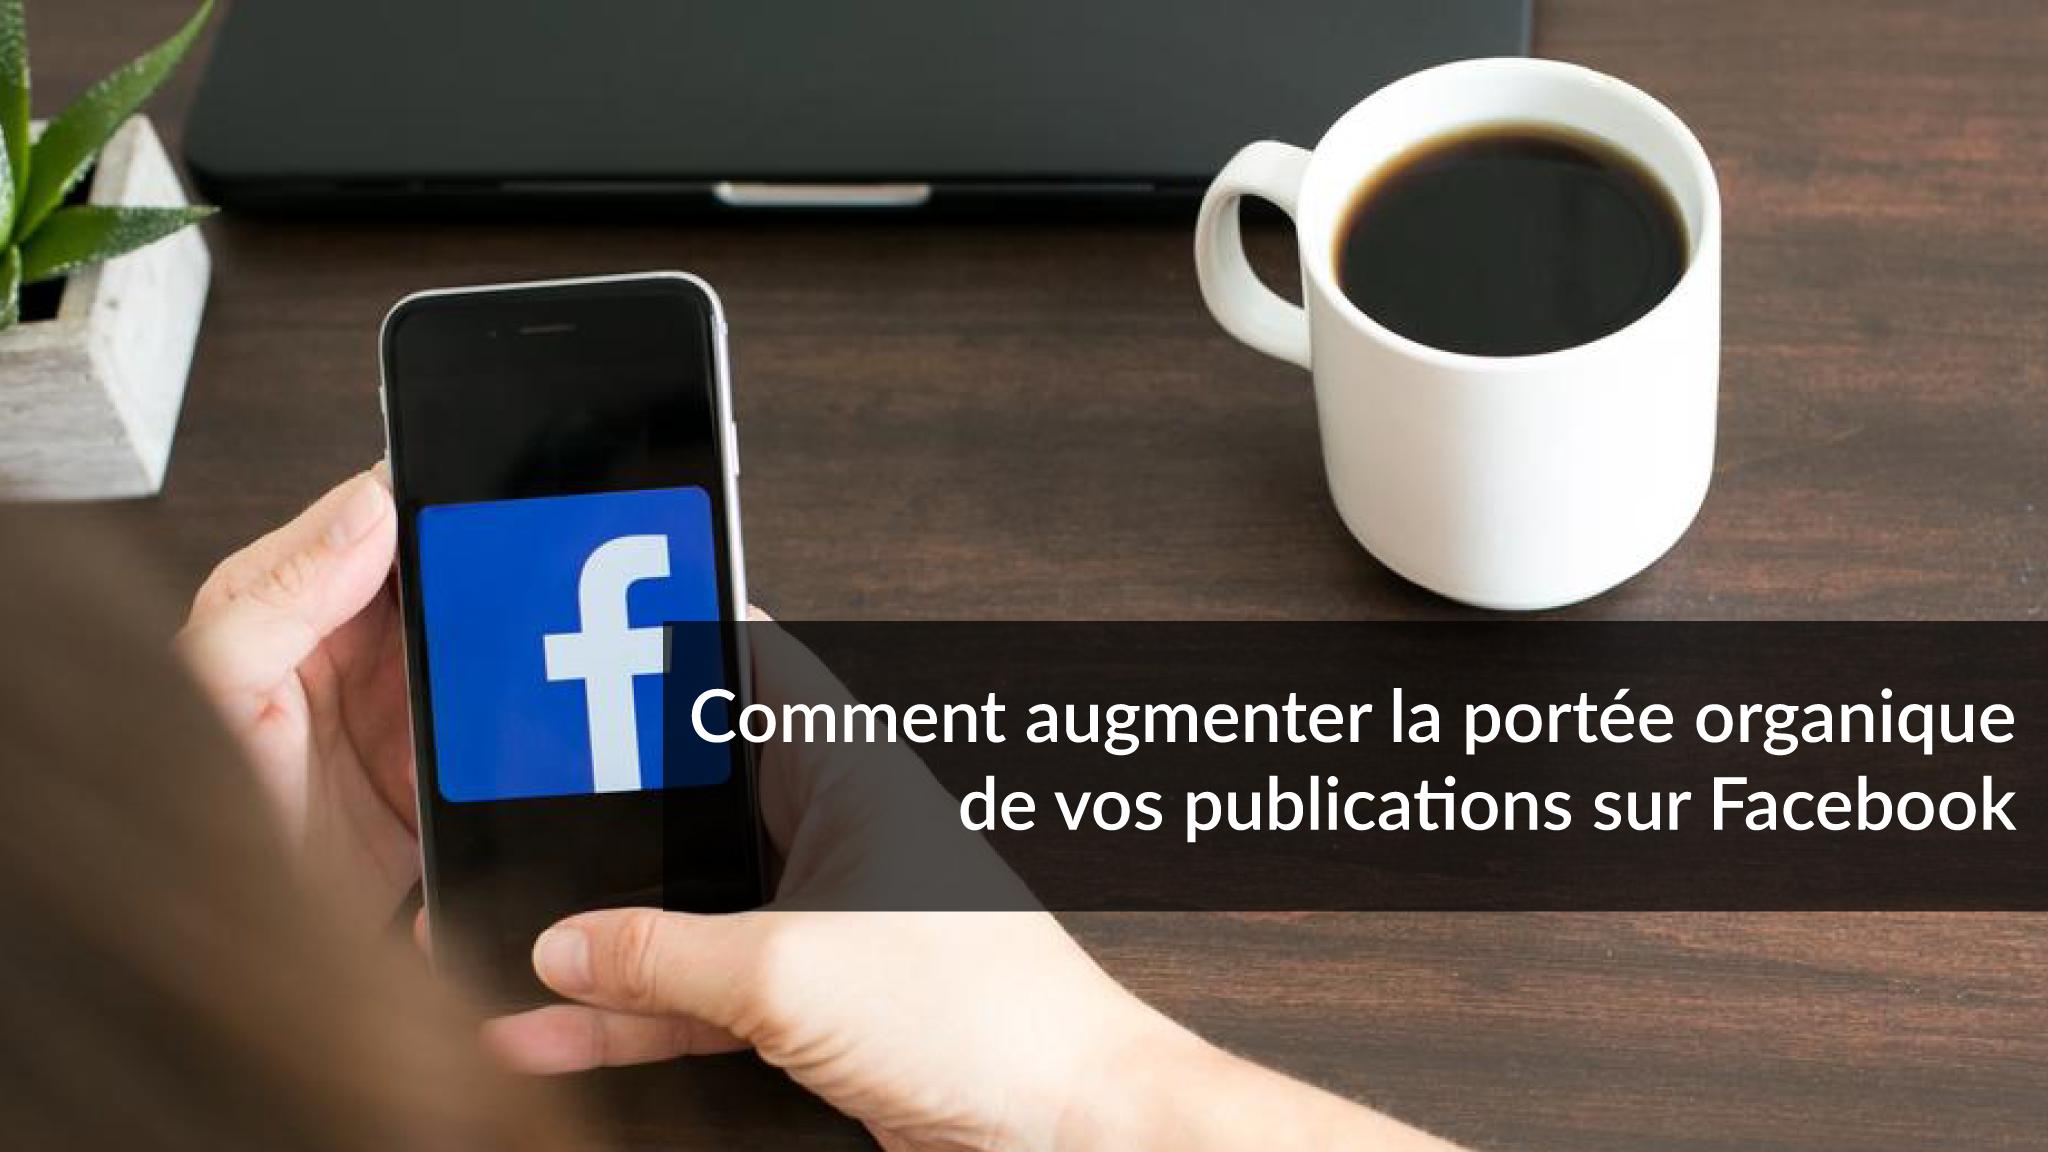 Comment augmenter la portée organique de vos publications sur Facebook | Studio Grafik